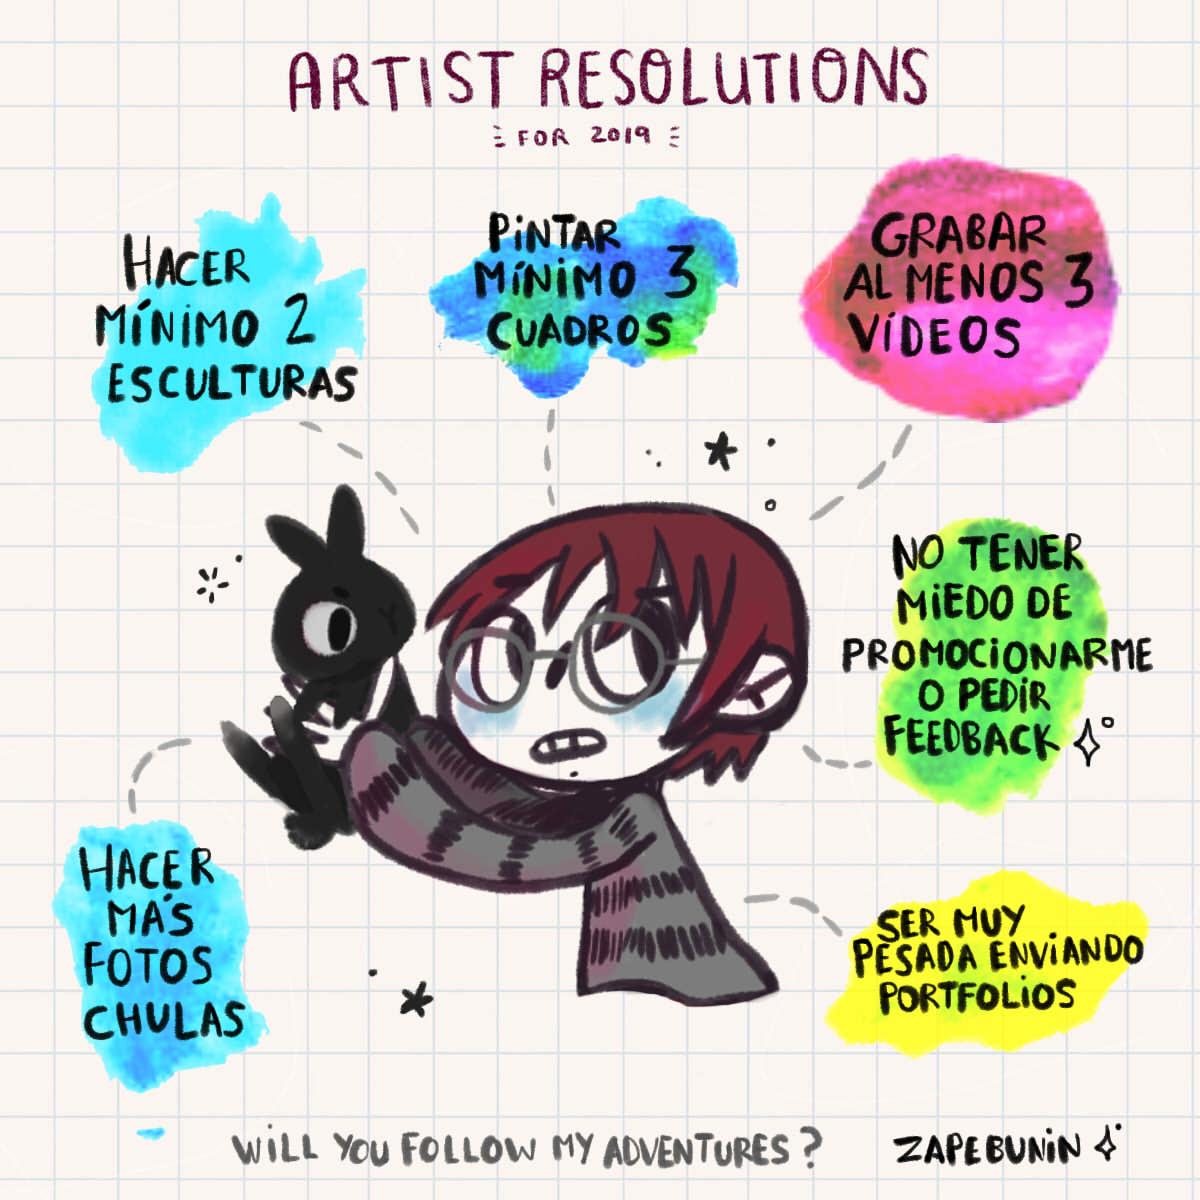 propositos creativos 2019 artist resolutions